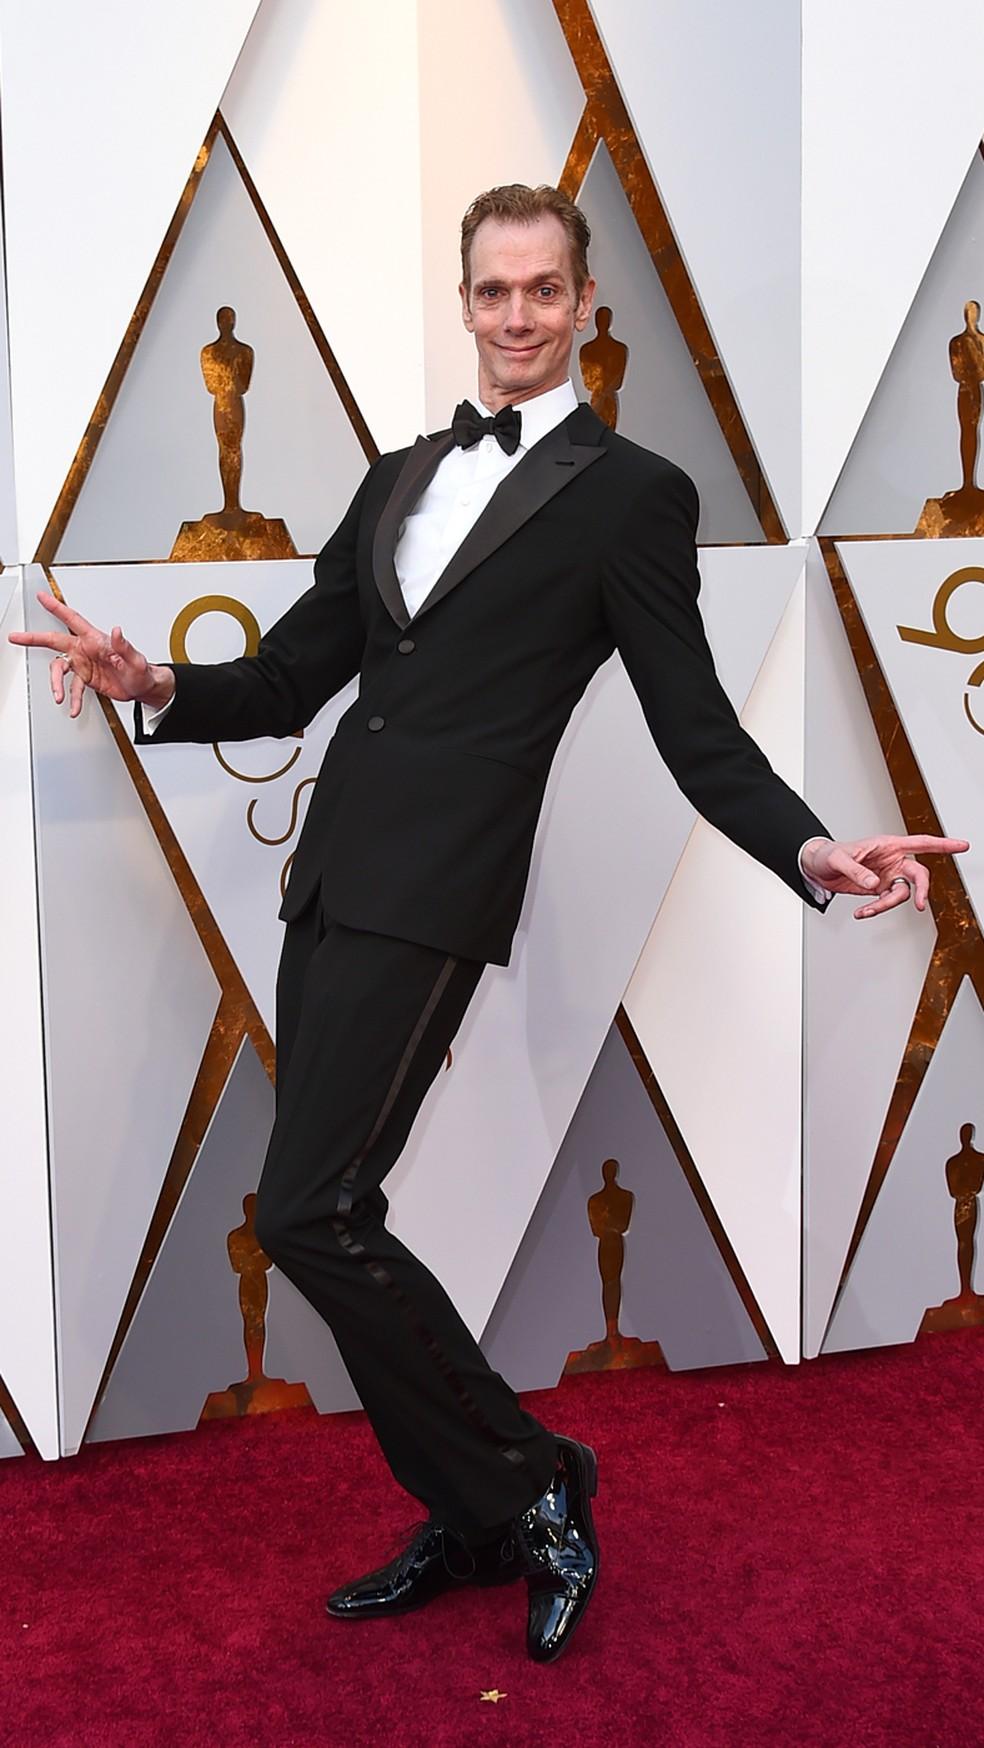 O ator Doug Jones, que interpreta a criatura de 'A forma da água', chega ao Oscar 2018 (Foto: Jordan Strauss/Invision/AP)